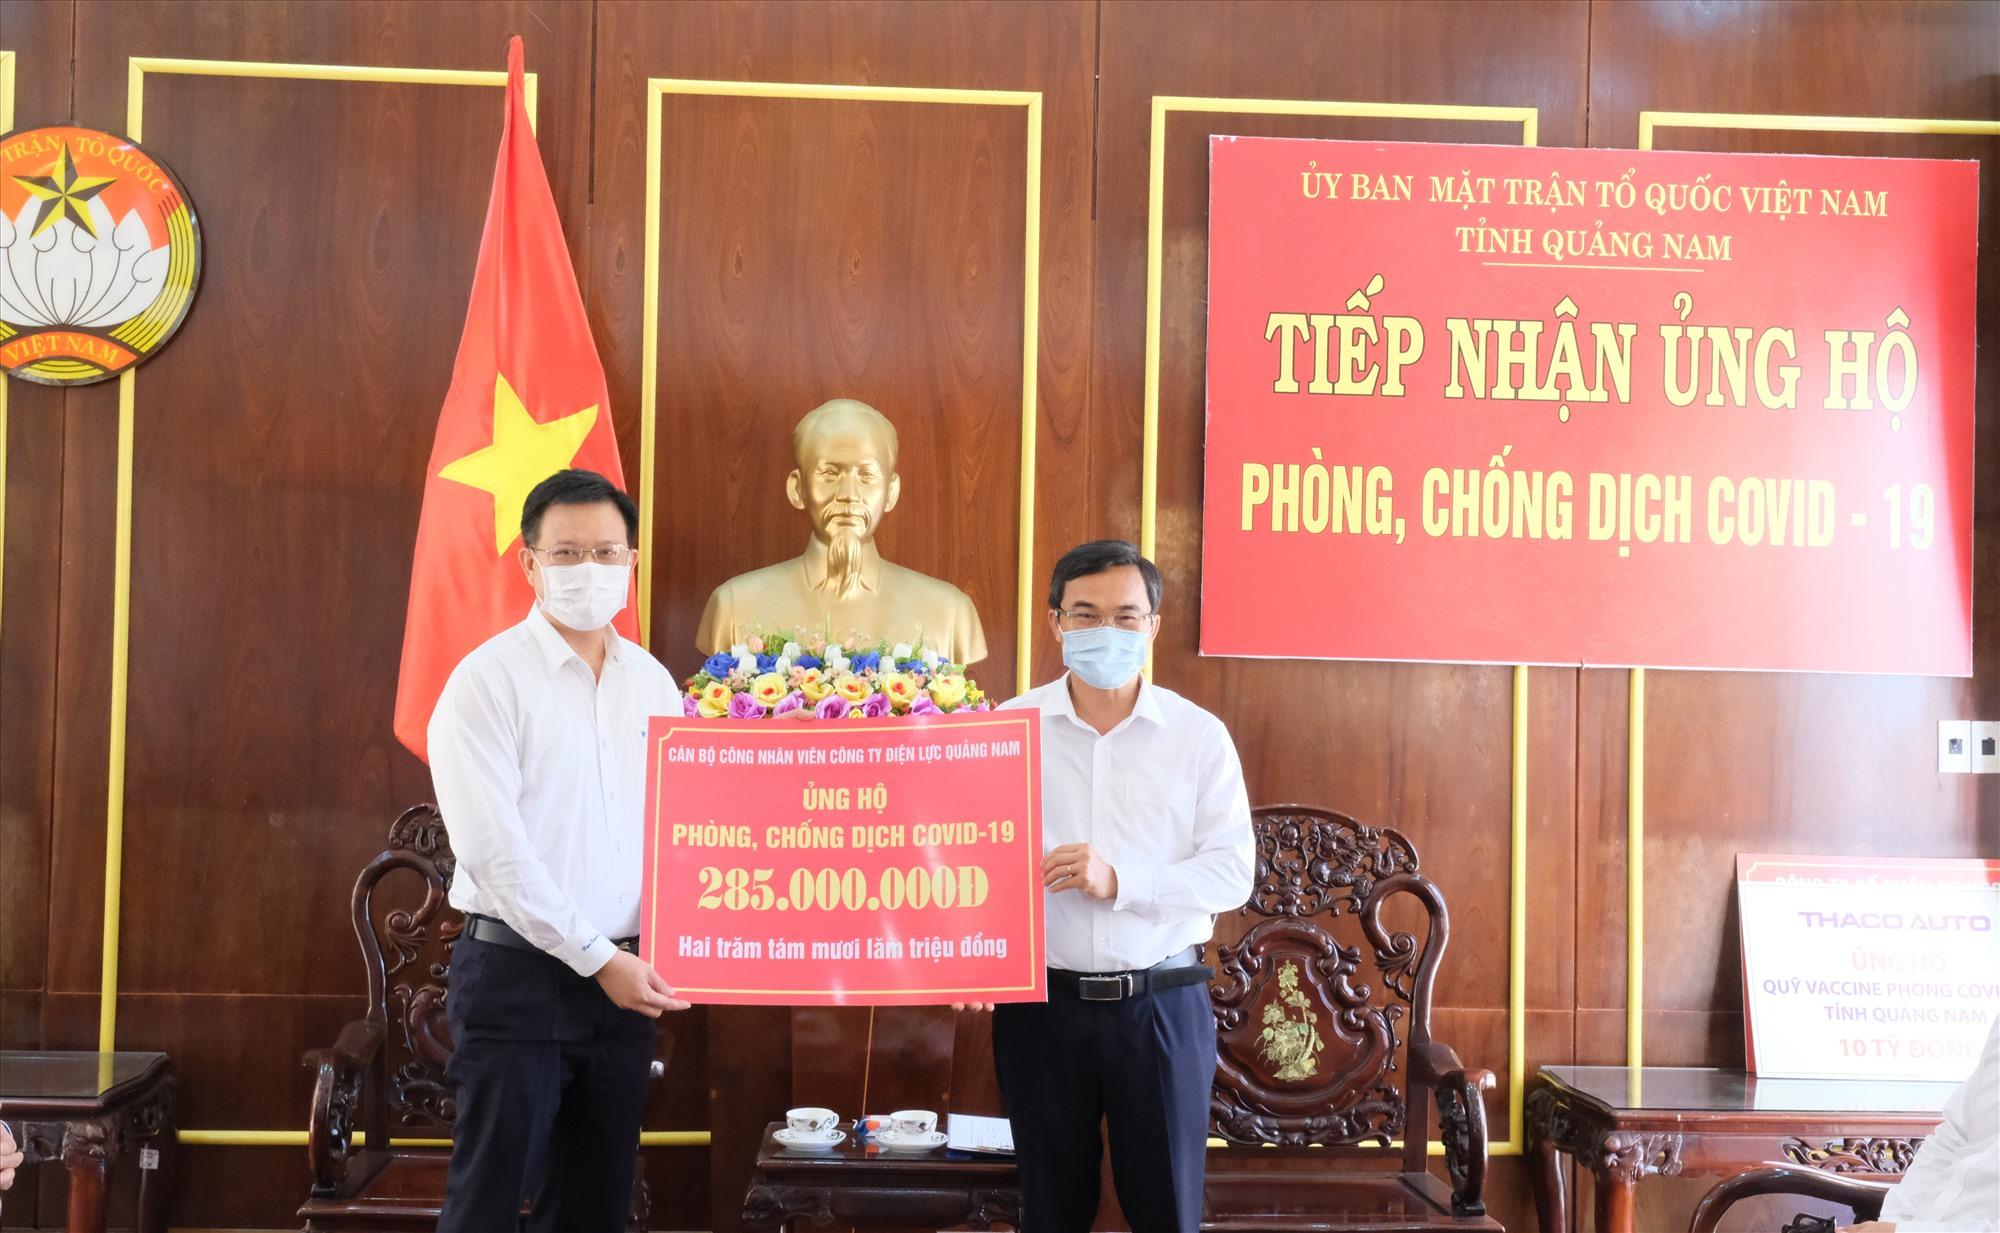 Ông Nguyễn Hữu Khánh - Giám đốc PC Quảng Nam (bên trái) trao số tiền ủng hộ Quỹ vắc xin phòng Covid-19 cho Ủy ban MTTQVN tỉnh